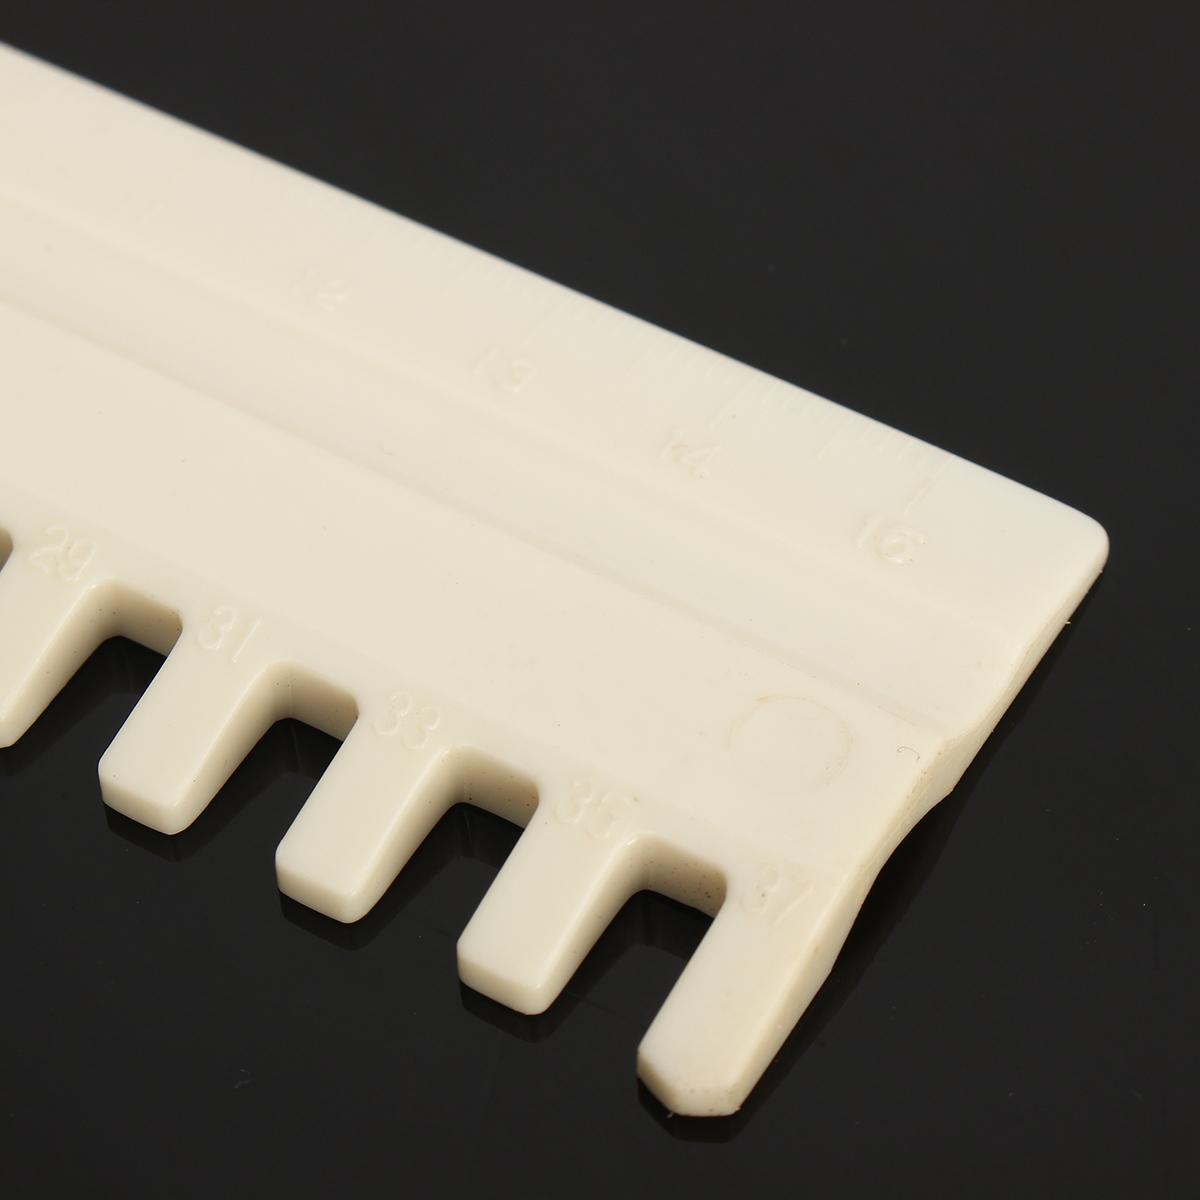 BT00089886 8 x 23mm /'Llama/' Round Wooden Buttons